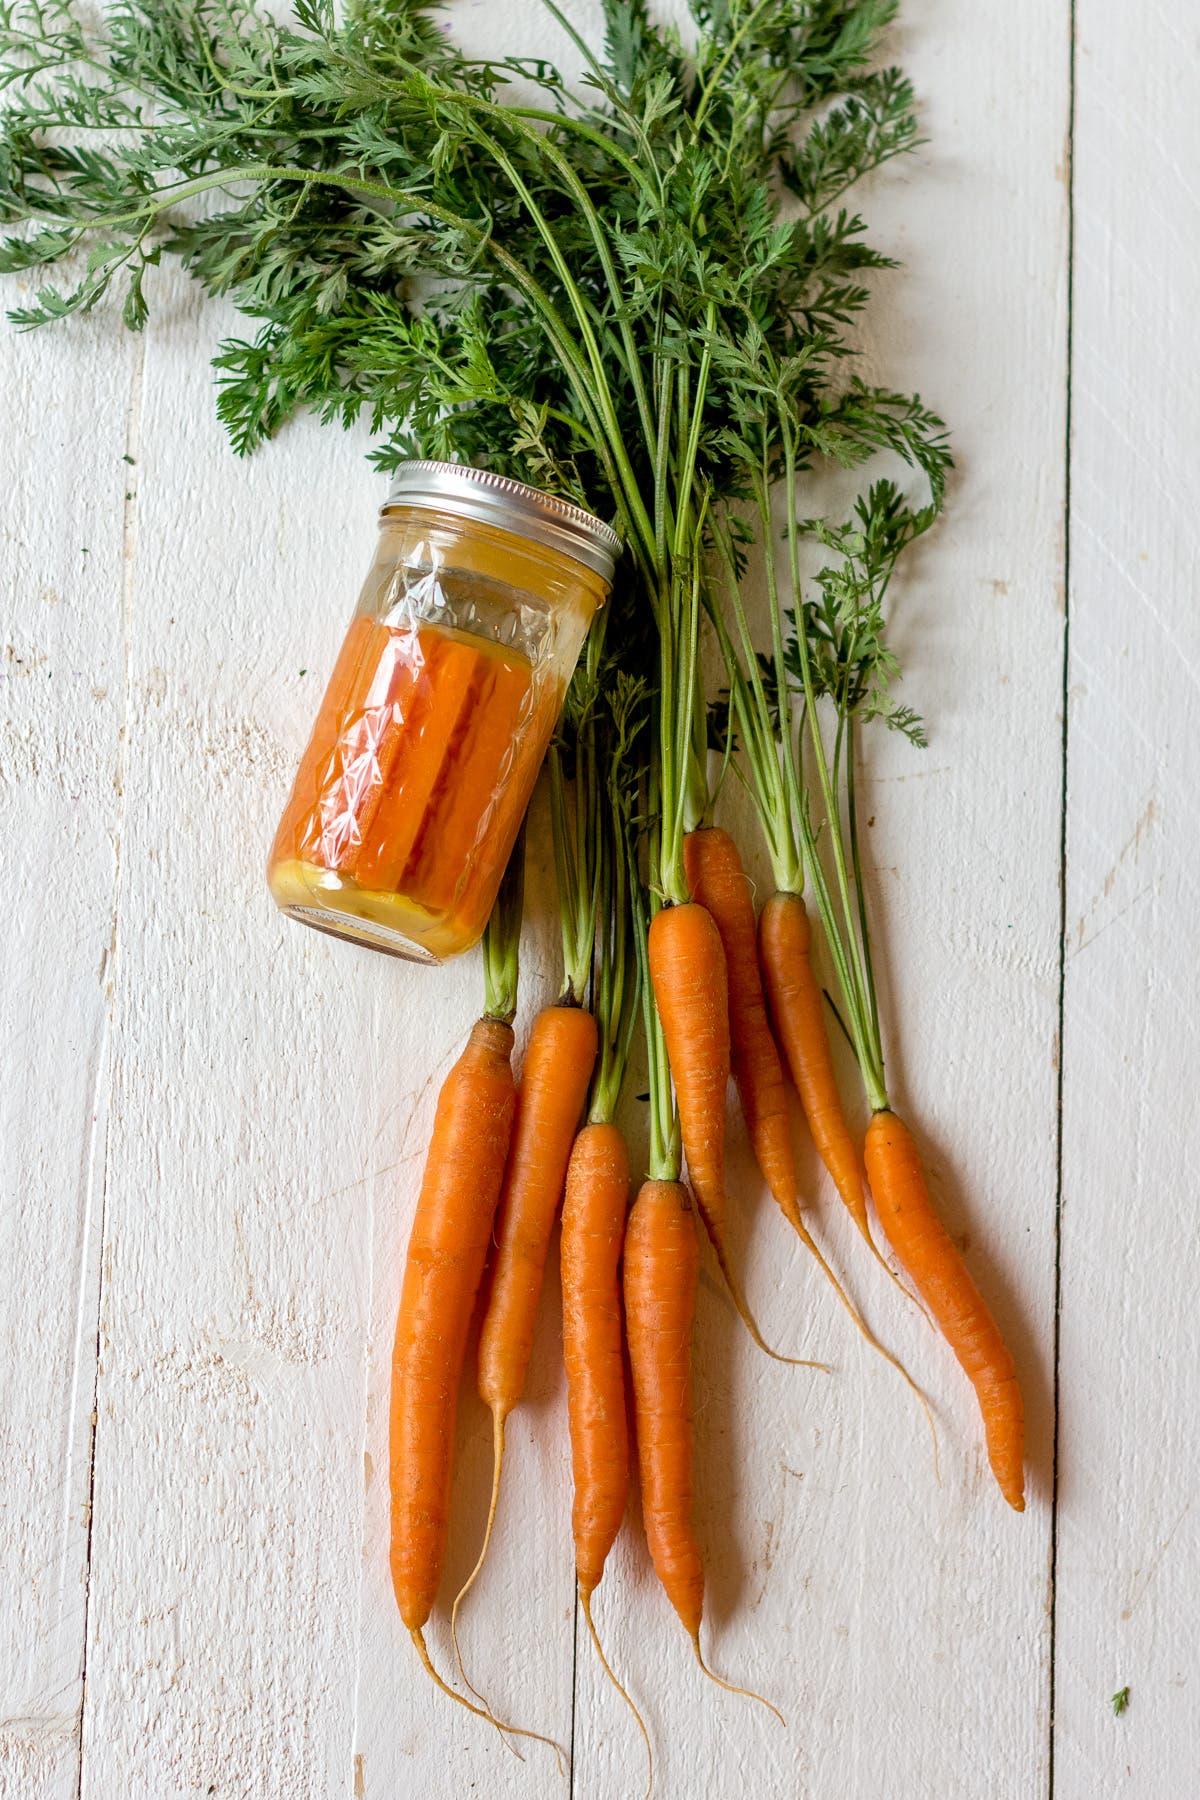 Topshot von Schraubglas neben Karottenbund, gefüllt mit fermentierten Karotten auf weißem Holzuntergrund